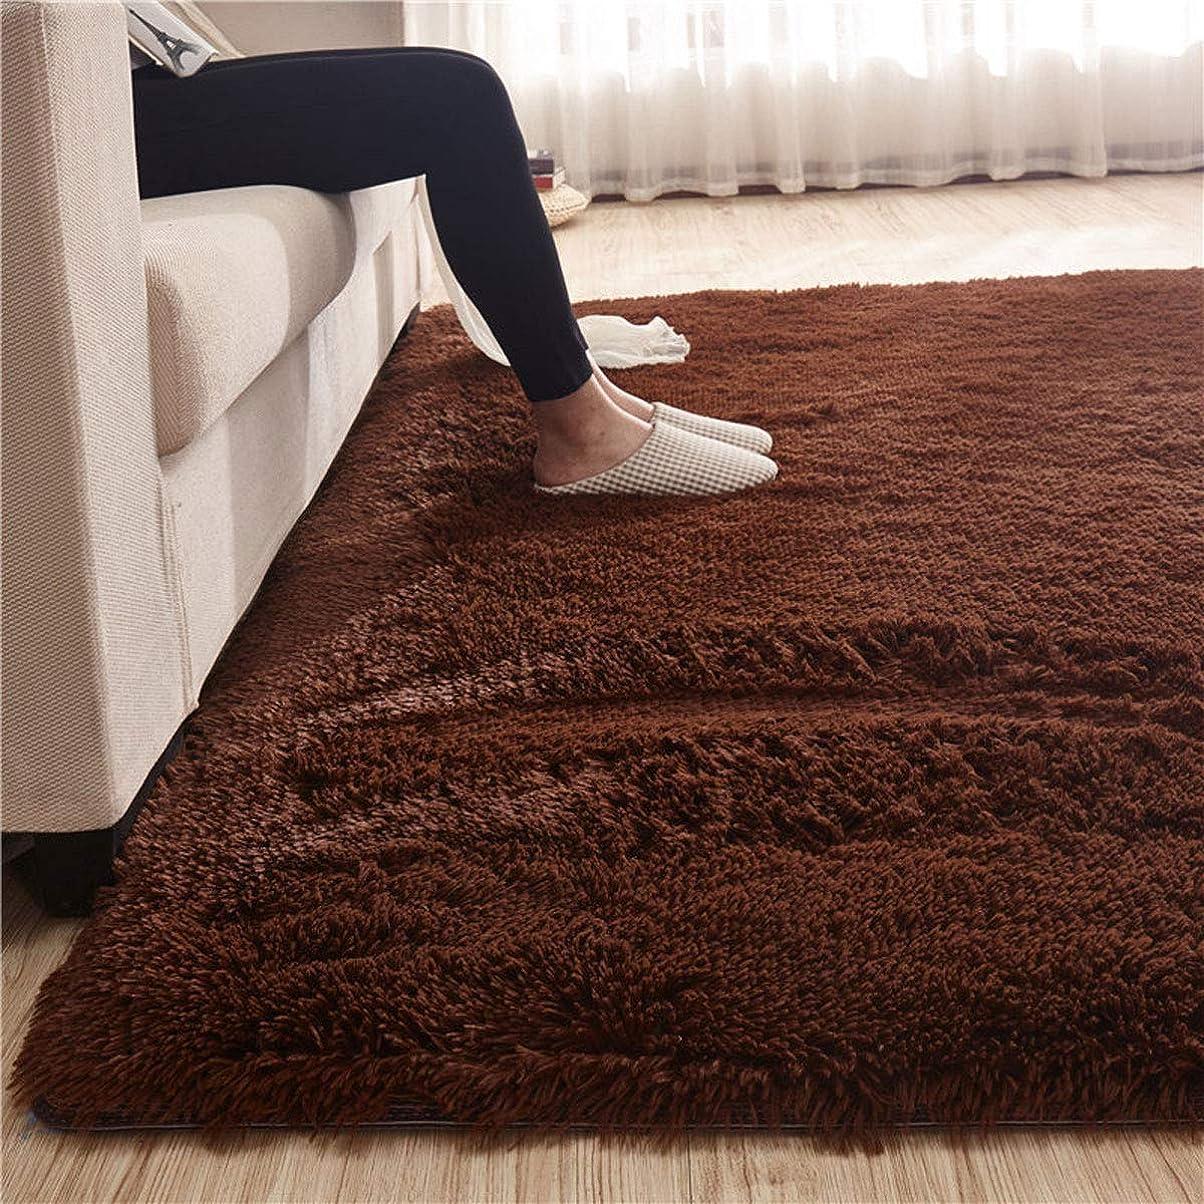 事故つかまえる学士カーペット 200*200cm (約2.6畳) ラグマット 洗える 「Moras」 厚い 長方形 絨毯 防音 抗菌 消臭 防ダニ 滑り止め付き 北欧 センターラグ ブラウン